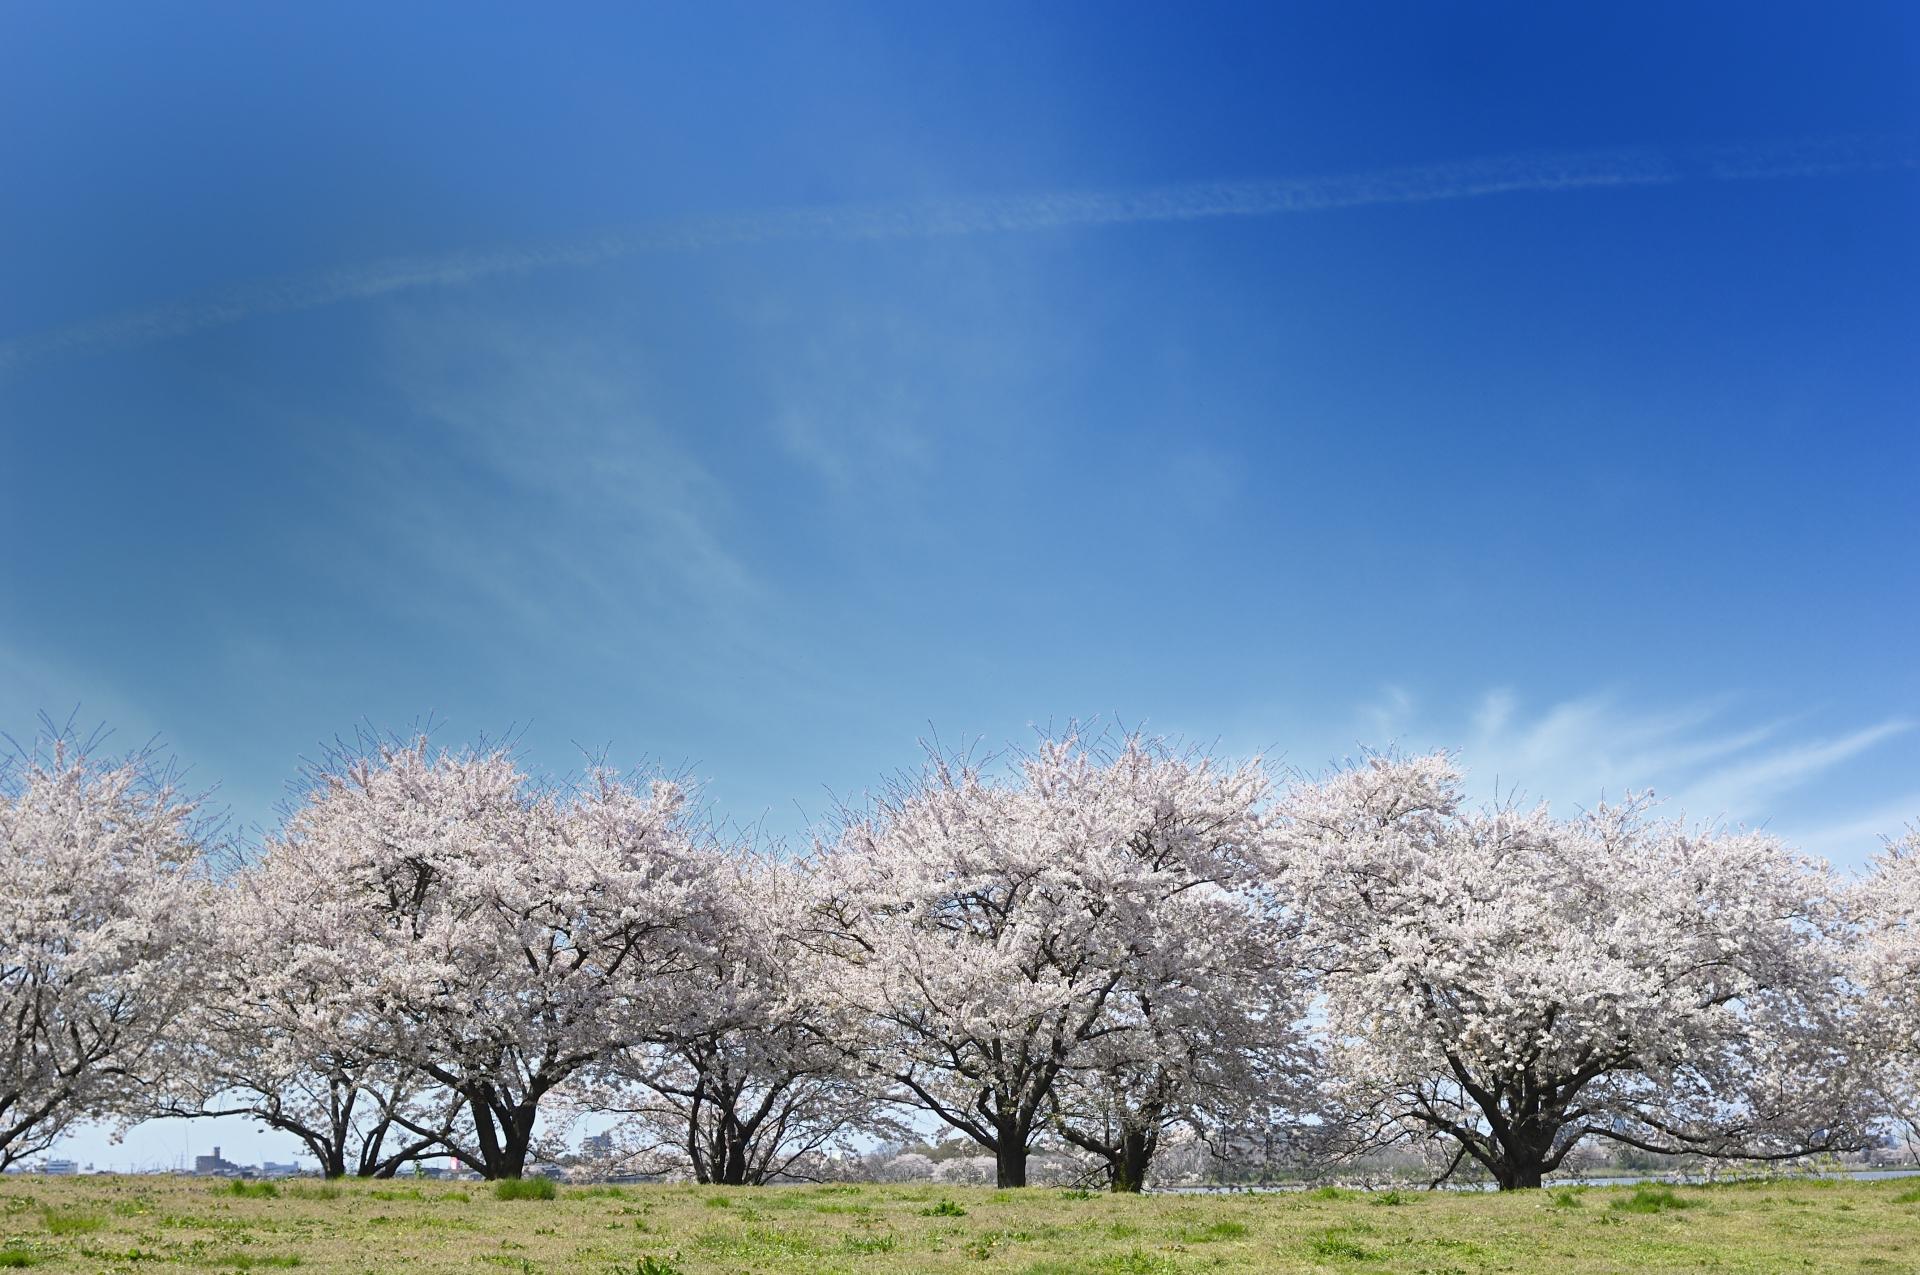 【河北潟の桜街道(さくらかいどう)】おすすめ!石川県の桜名所・お花見スポット情報